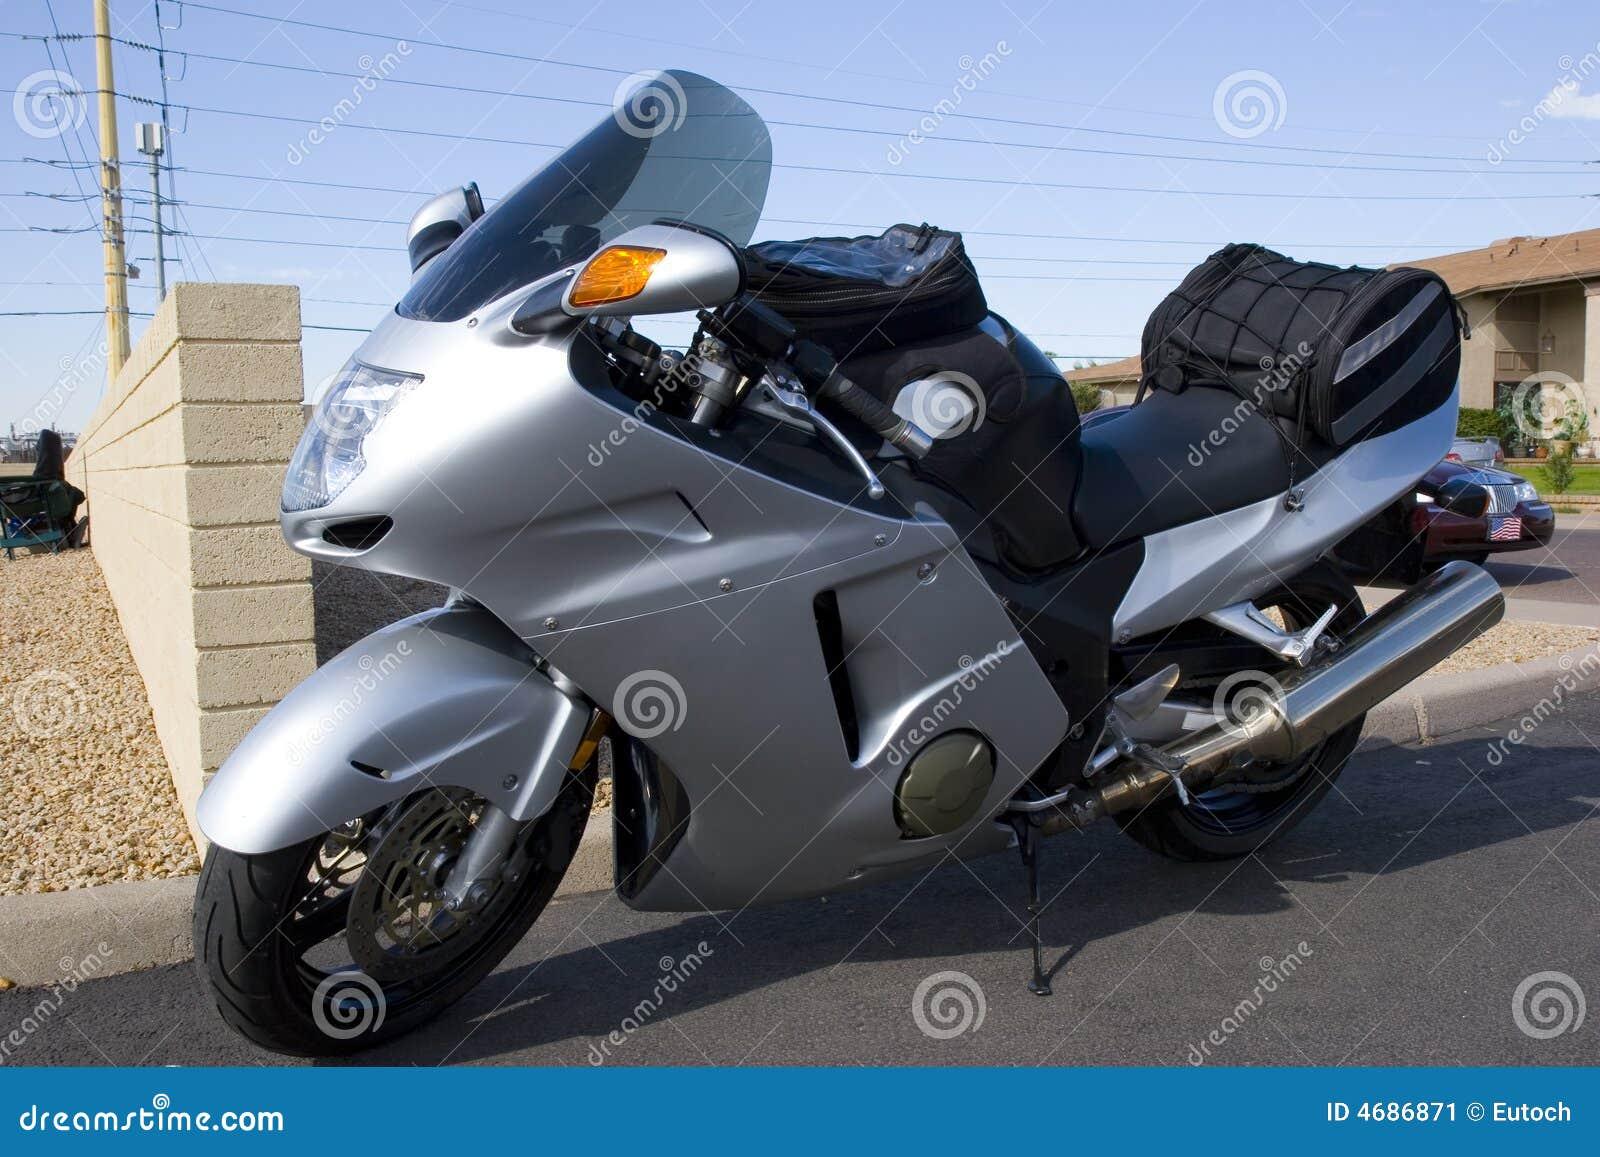 汽车本田摩托车显示银图片